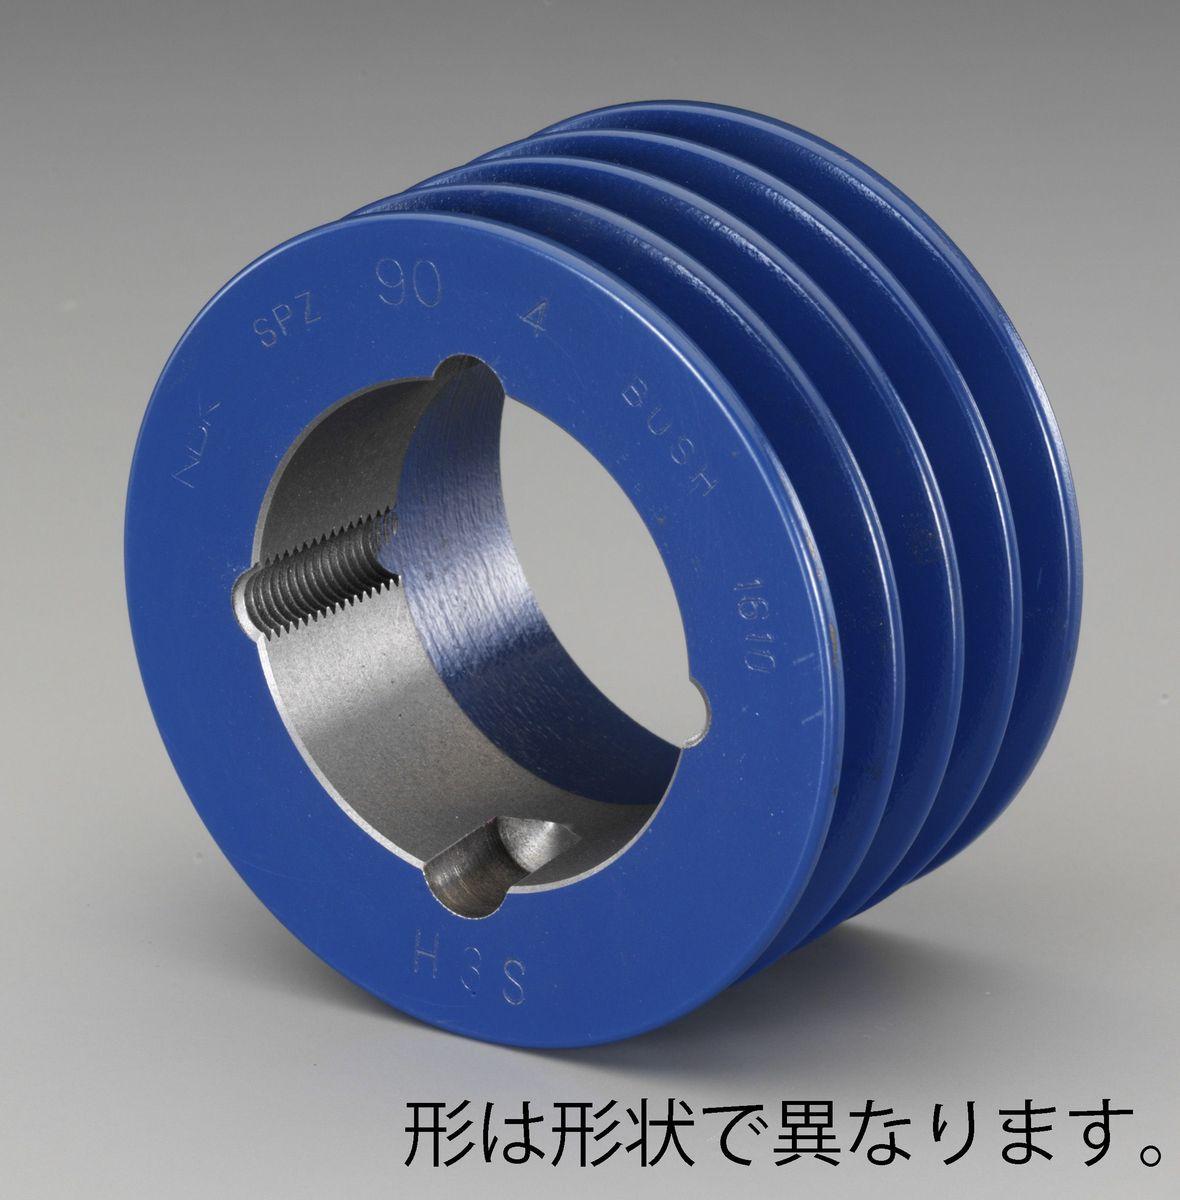 エスコ ESCO 265mm 4本構 Vプーリー SPプーリー/50U 000012266163 JP店